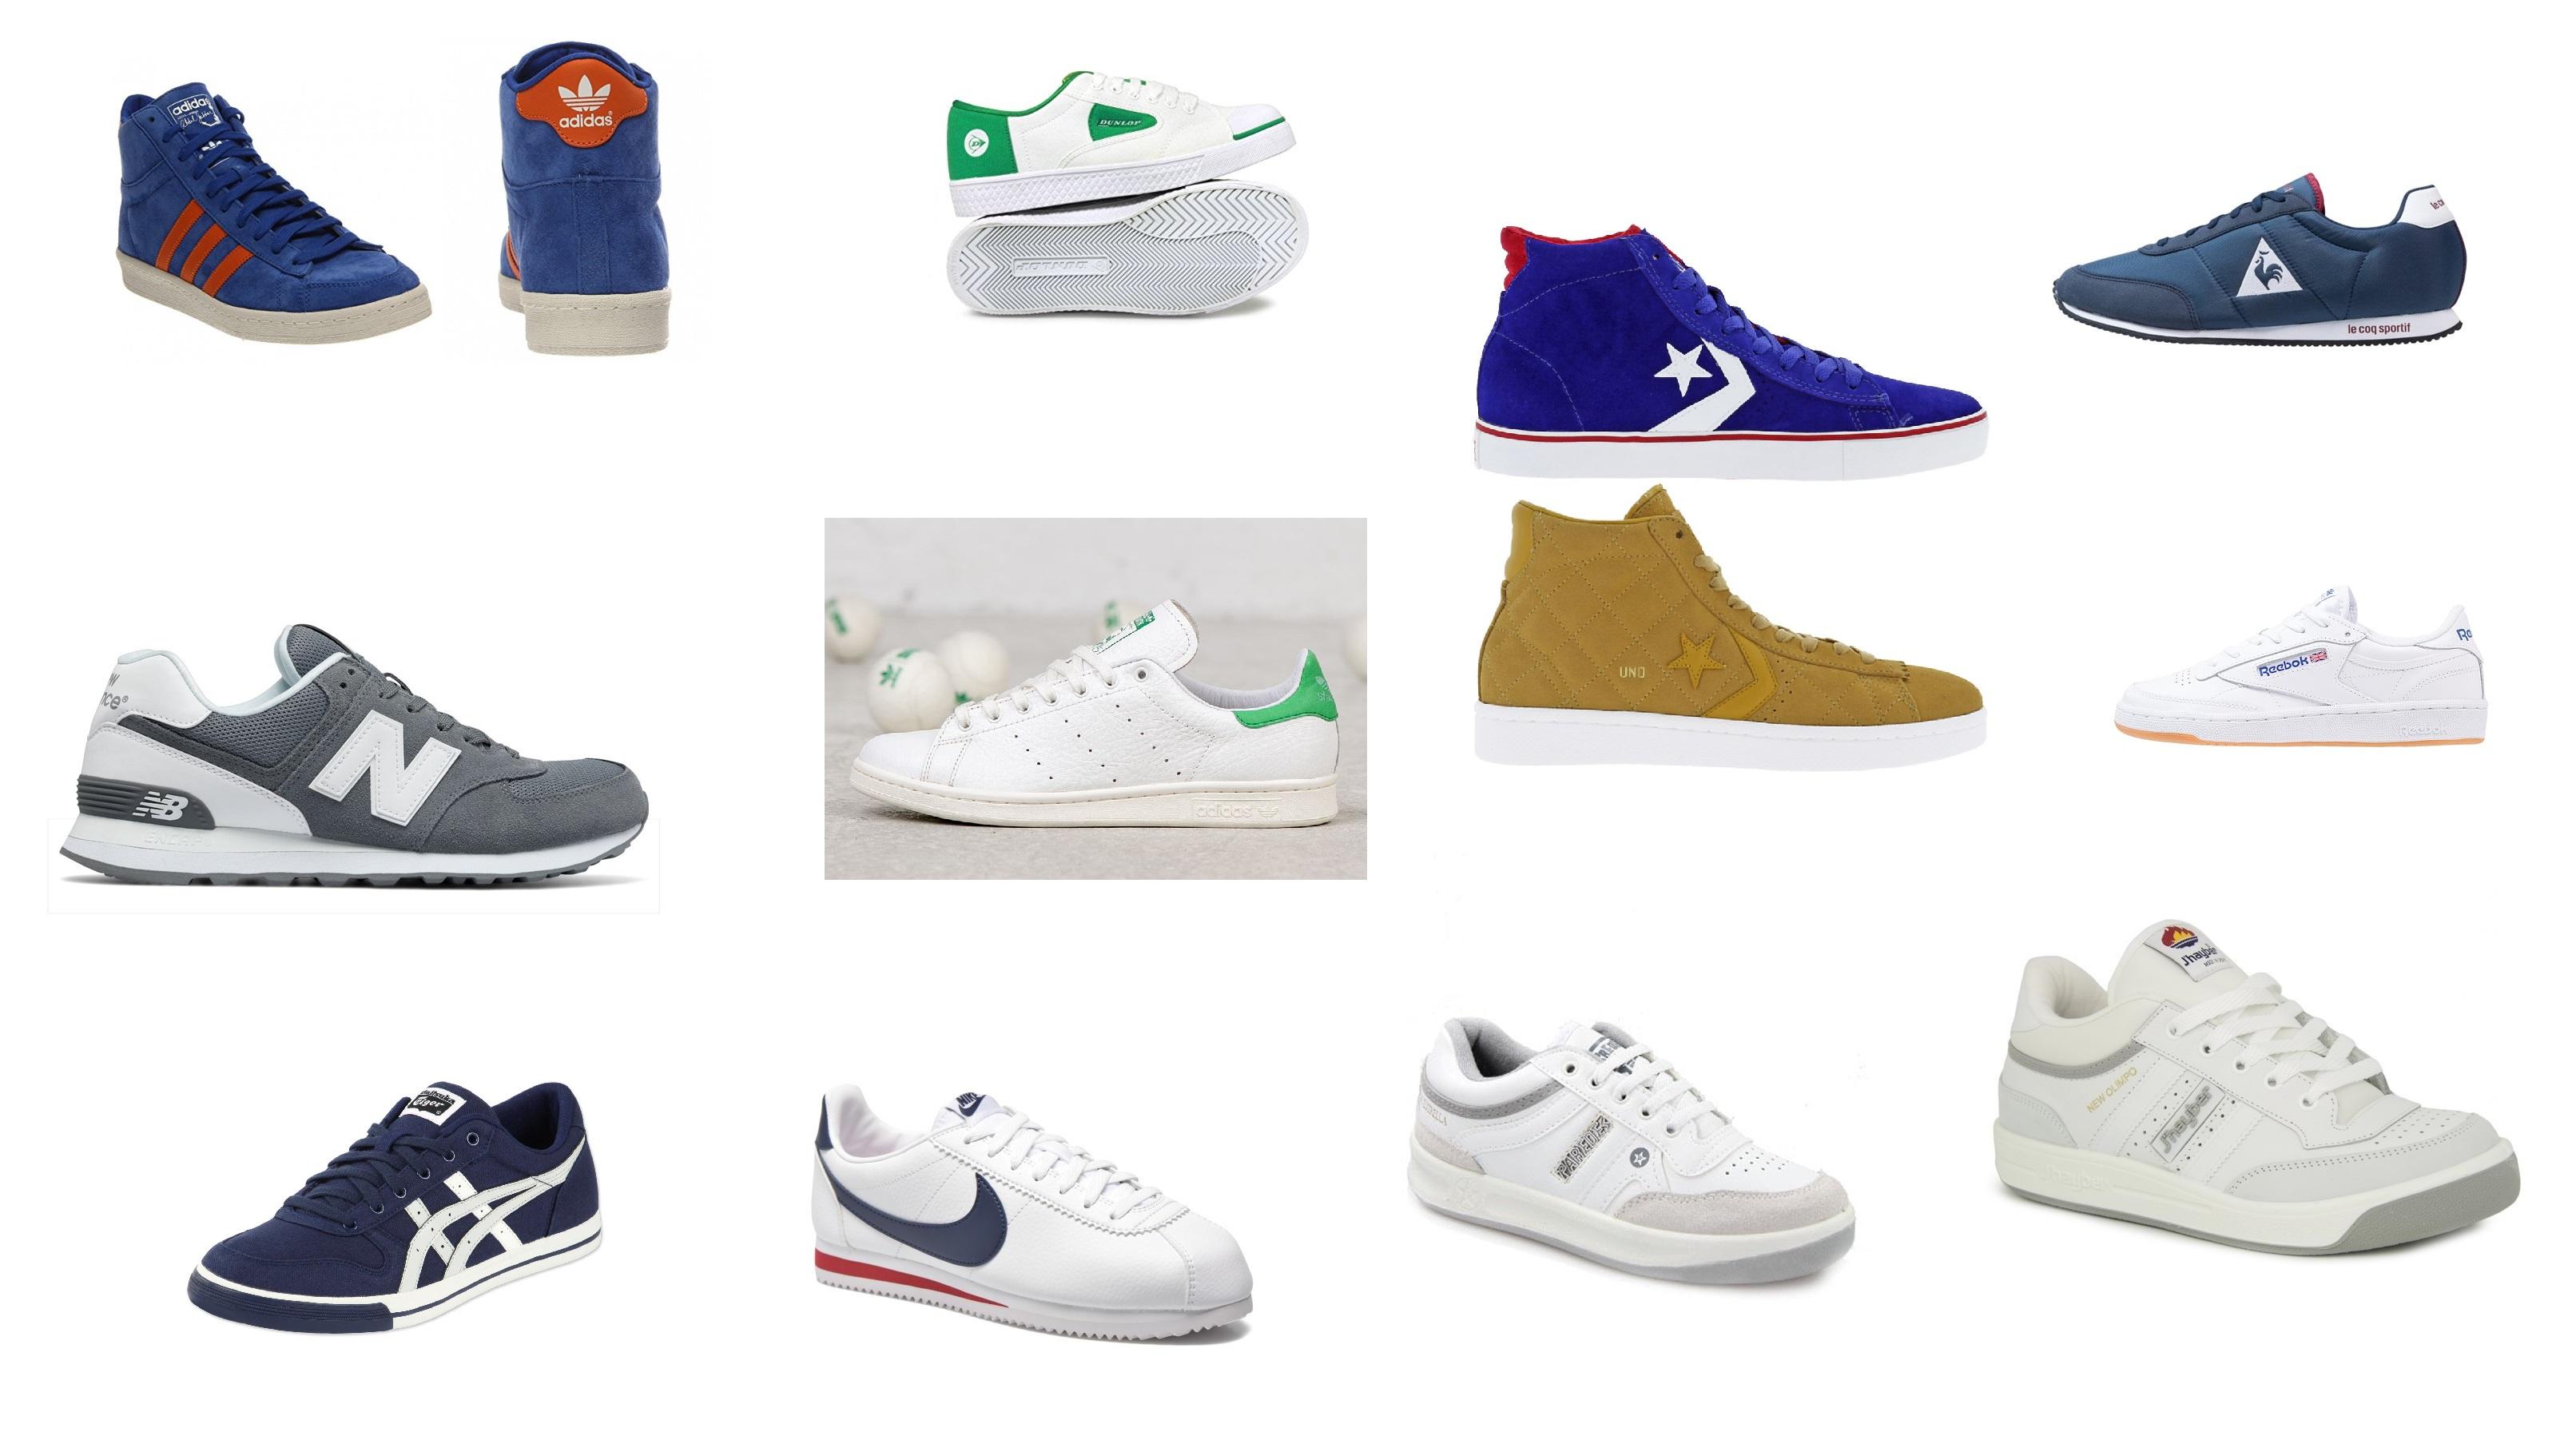 Las 11 mejores ofertas de zapatillas deportivas retro que